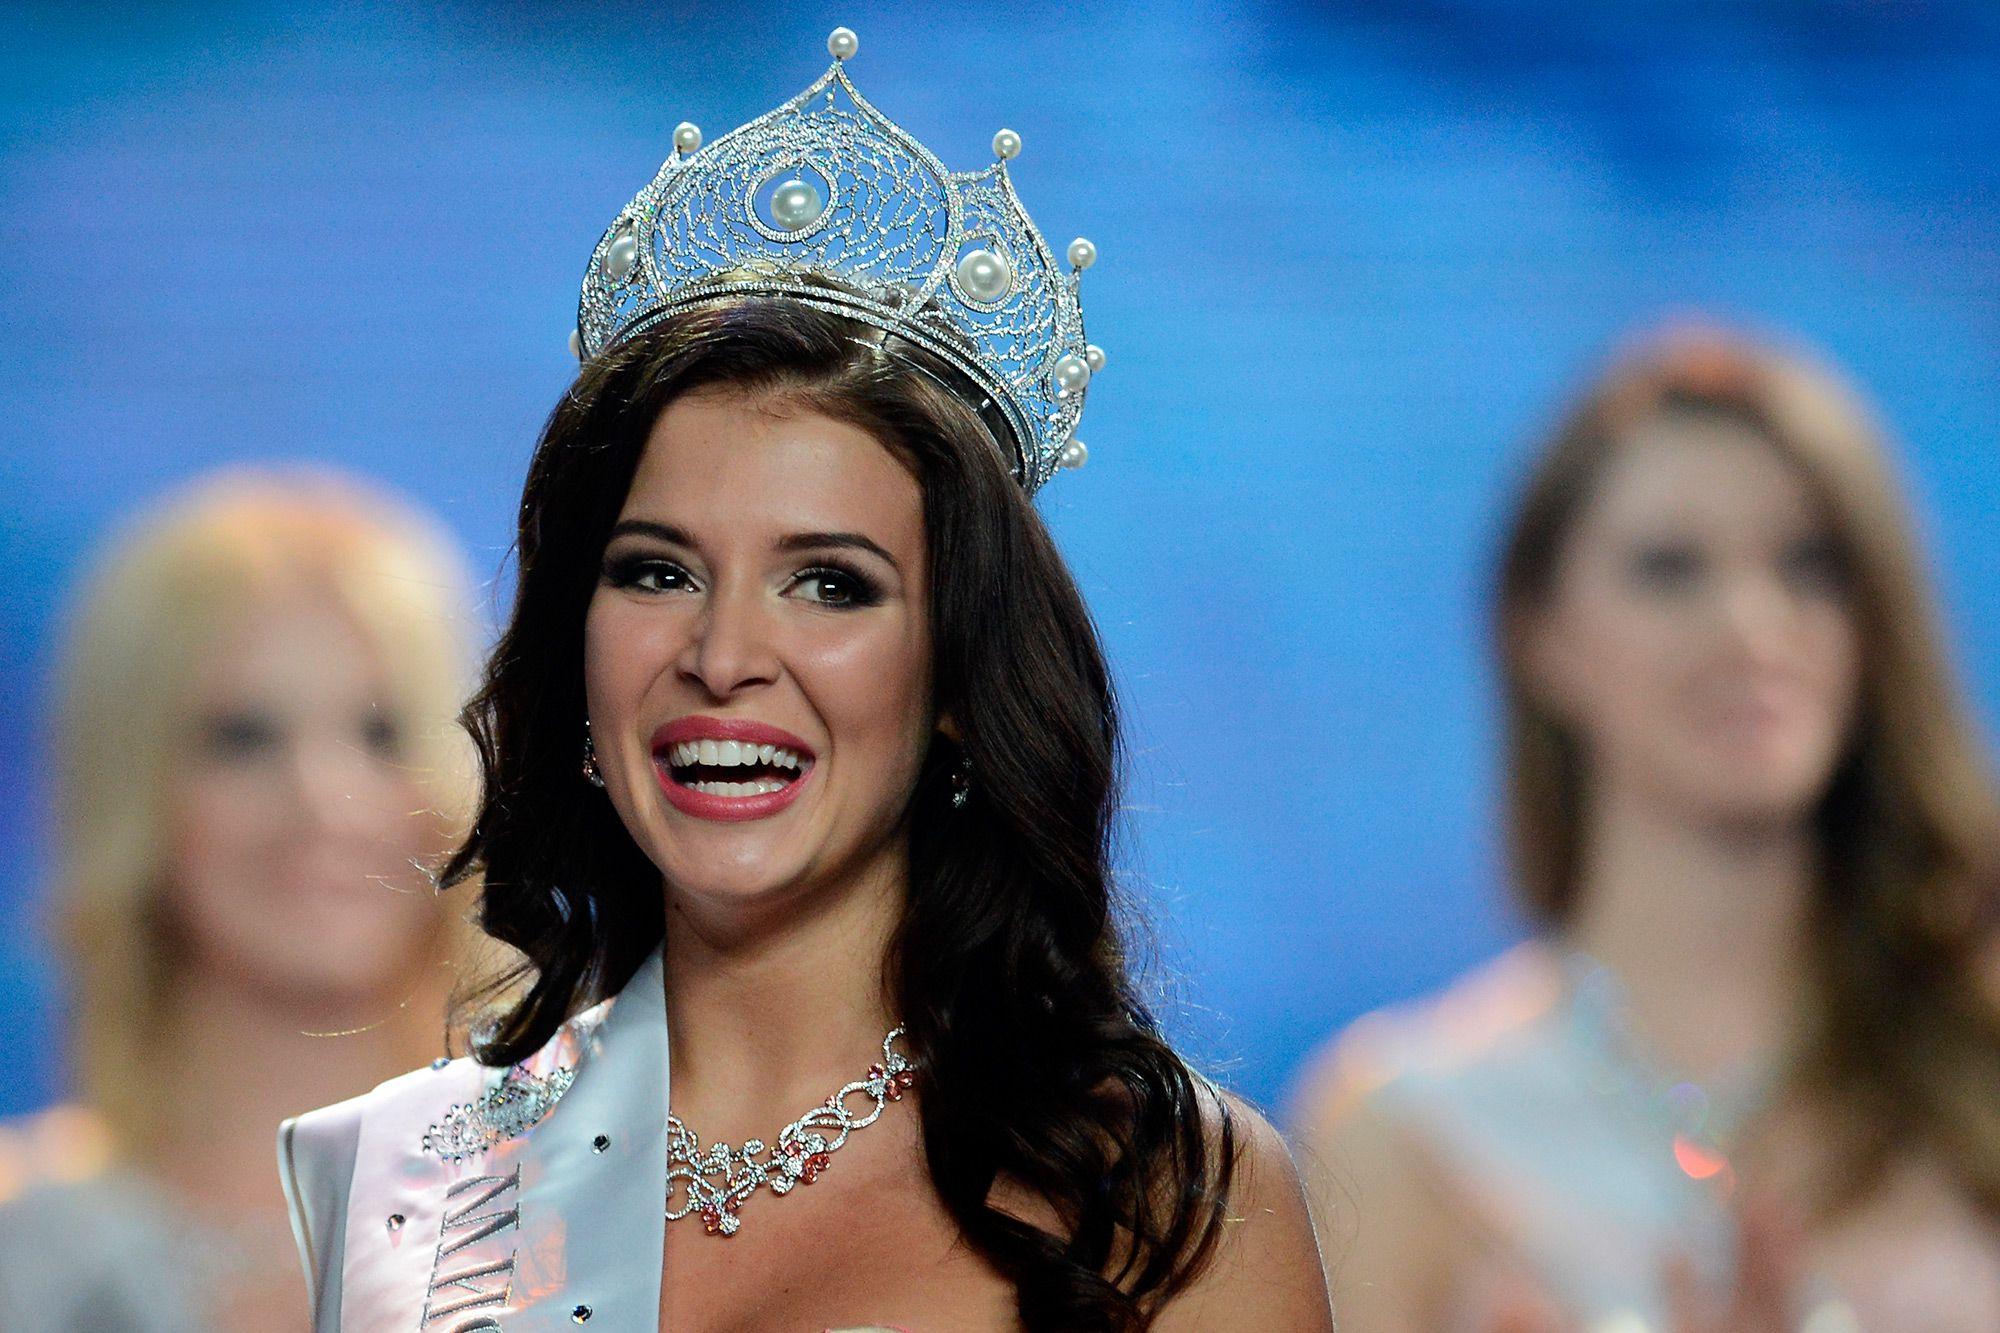 приложении вконтакте российские конкурсы красоты фото конфессия